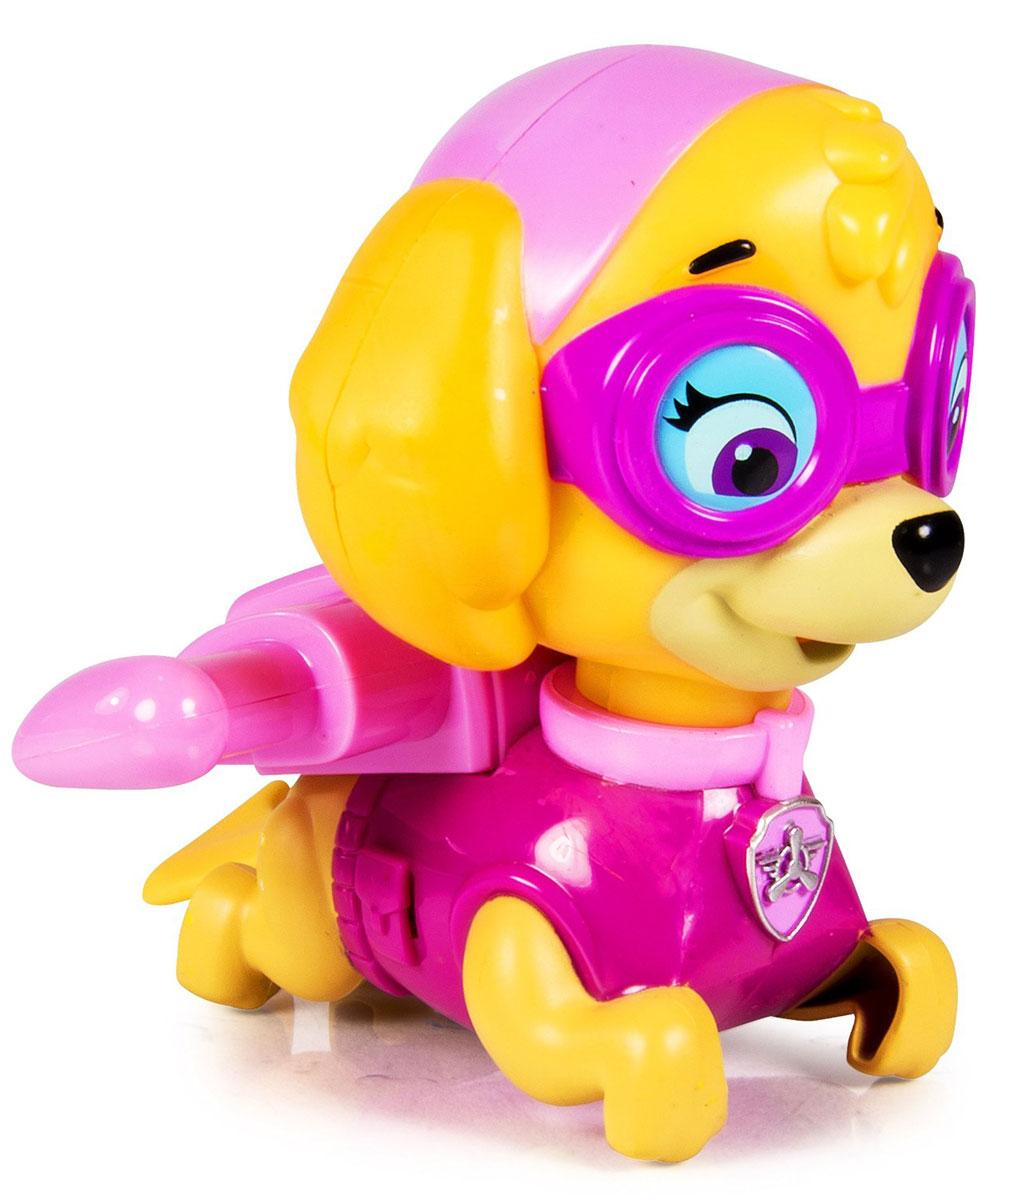 Paw Patrol Игрушка для ванной заводная Skye16631_розовыйPaw Patrol Заводная игрушка для ванной Skye понравится вашему ребенку и развлечет его во время купания. Она выполнена из безопасного материала в виде героя мультсериала Щенячий патруль. На спине игрушки есть ключик, с помощью которого можно завести механизм игрушки. Опустите игрушку в воду, и она будет плыть, забавно вращая хвостиком. Игрушка для ванной способствует развитию воображения, цветового восприятия, тактильных ощущений и мелкой моторики рук.